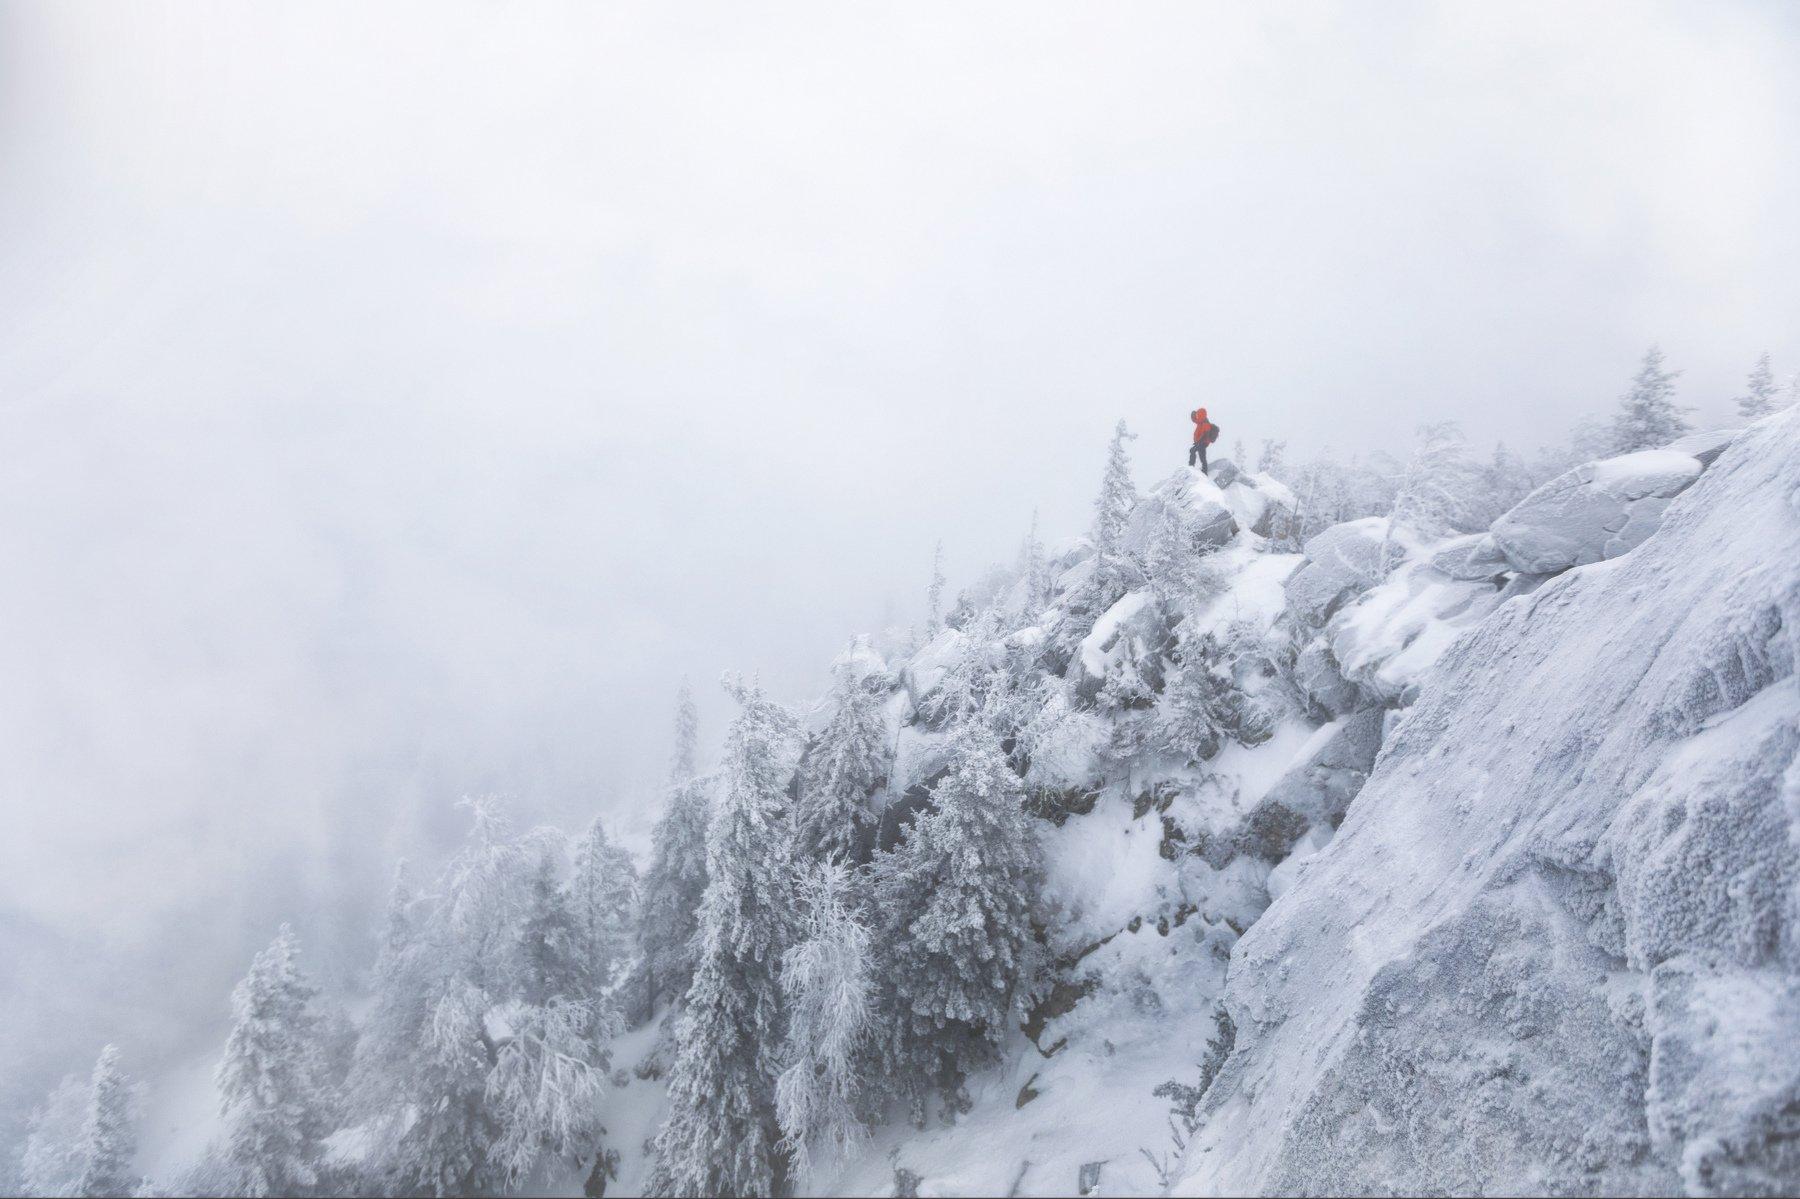 озеро, горы, лес, природа, закат, рассвет, красота, приключения, путешествие, облака, урал, Шевченко Николай